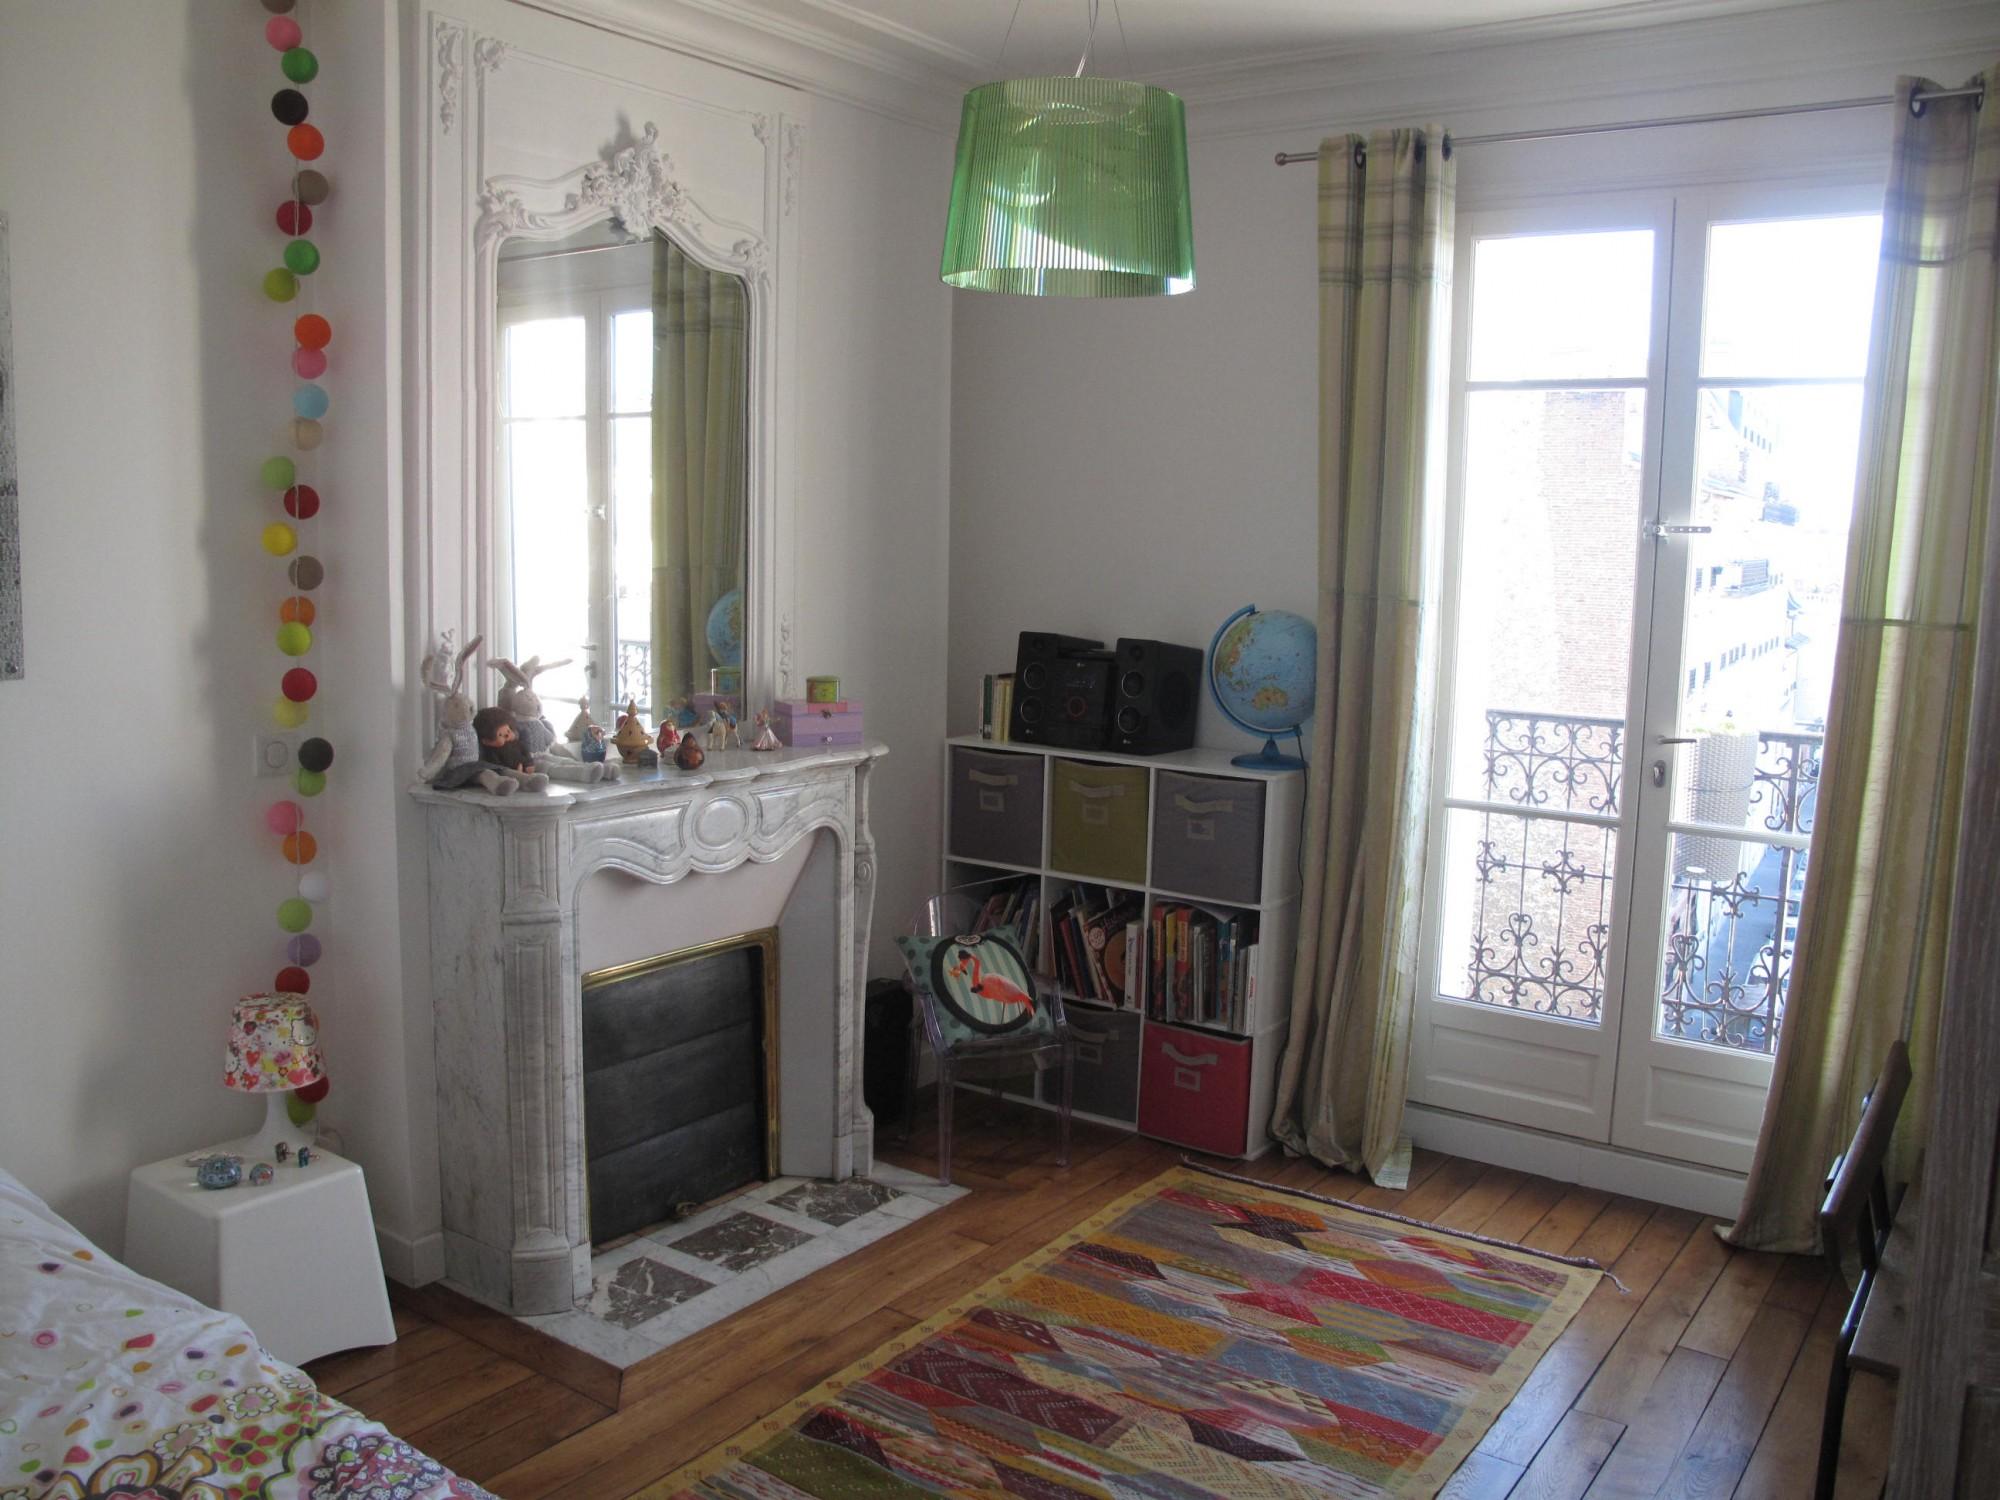 pose d 39 une chemin e ancienne dans une chambre totalement r nov e travaux de r novation dans le. Black Bedroom Furniture Sets. Home Design Ideas